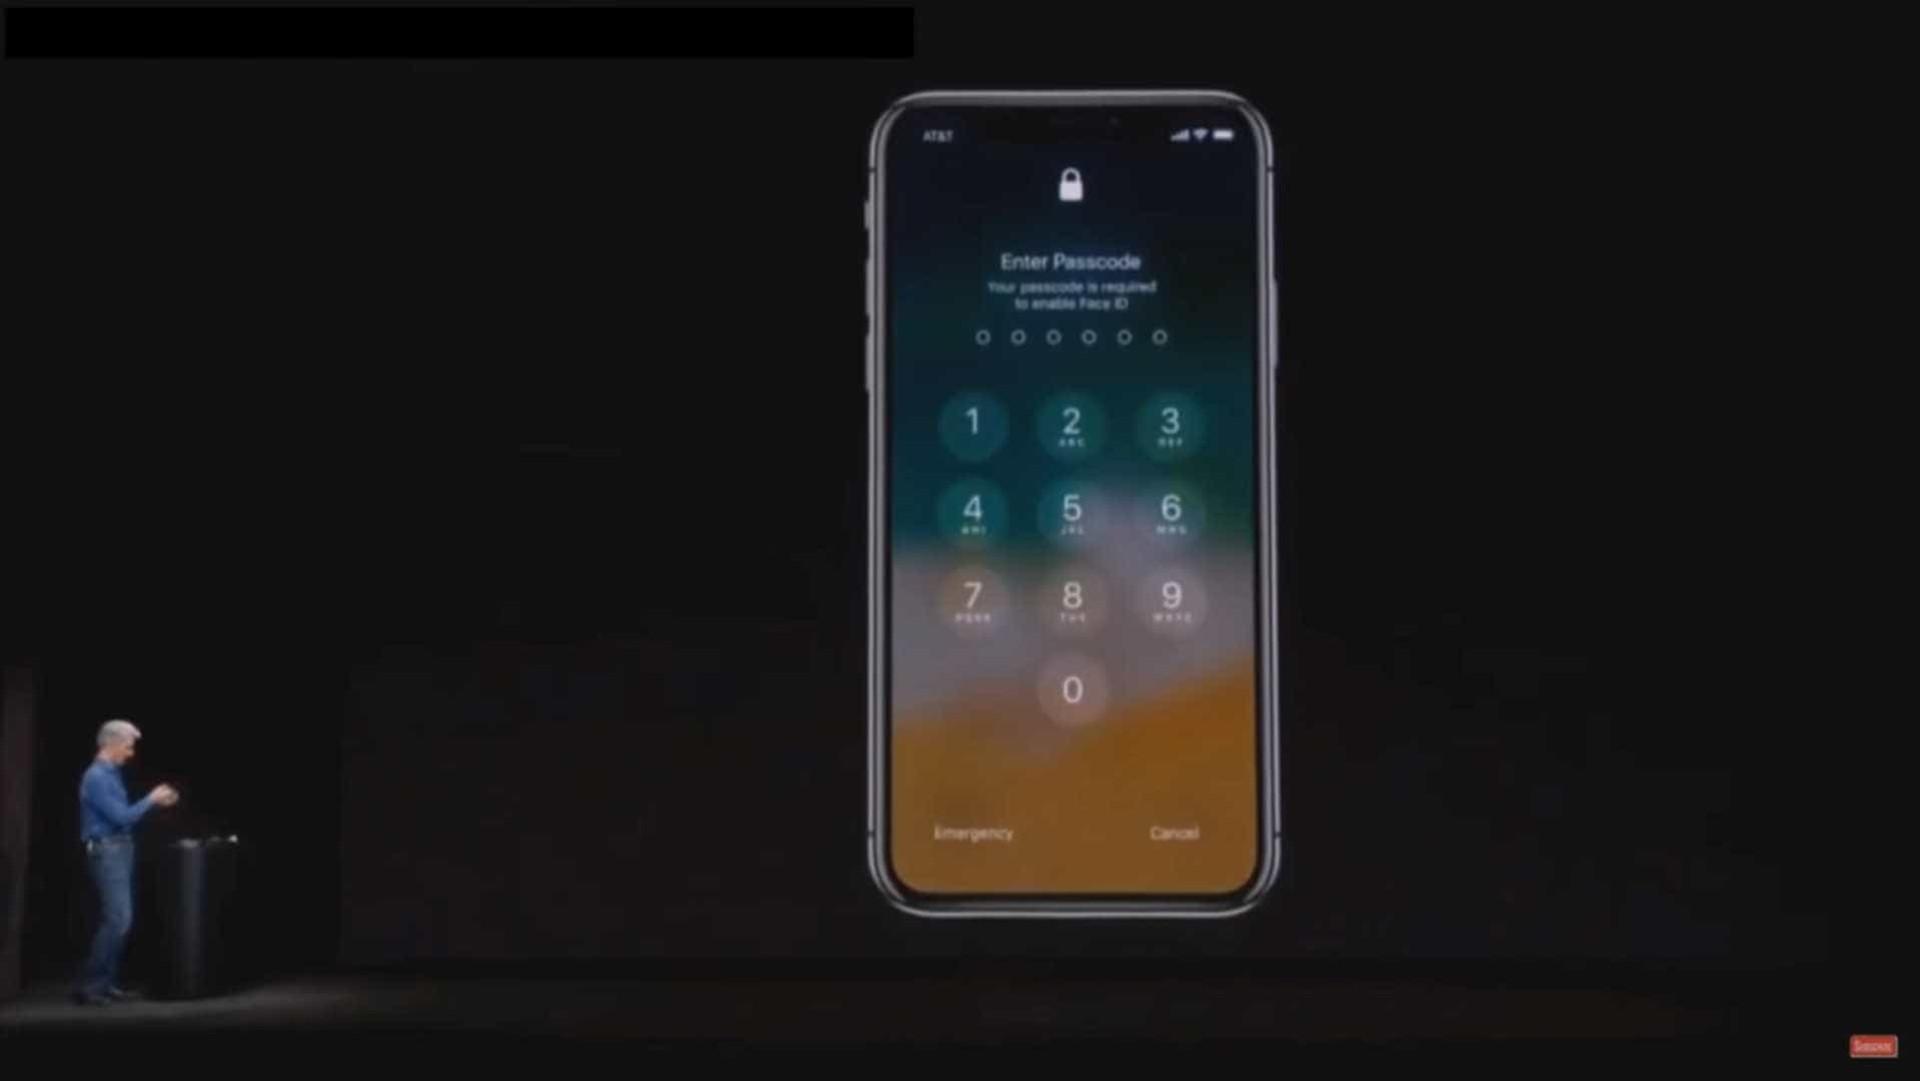 Veja o reconhecimento facial do iPhone X a falhar no pior momento